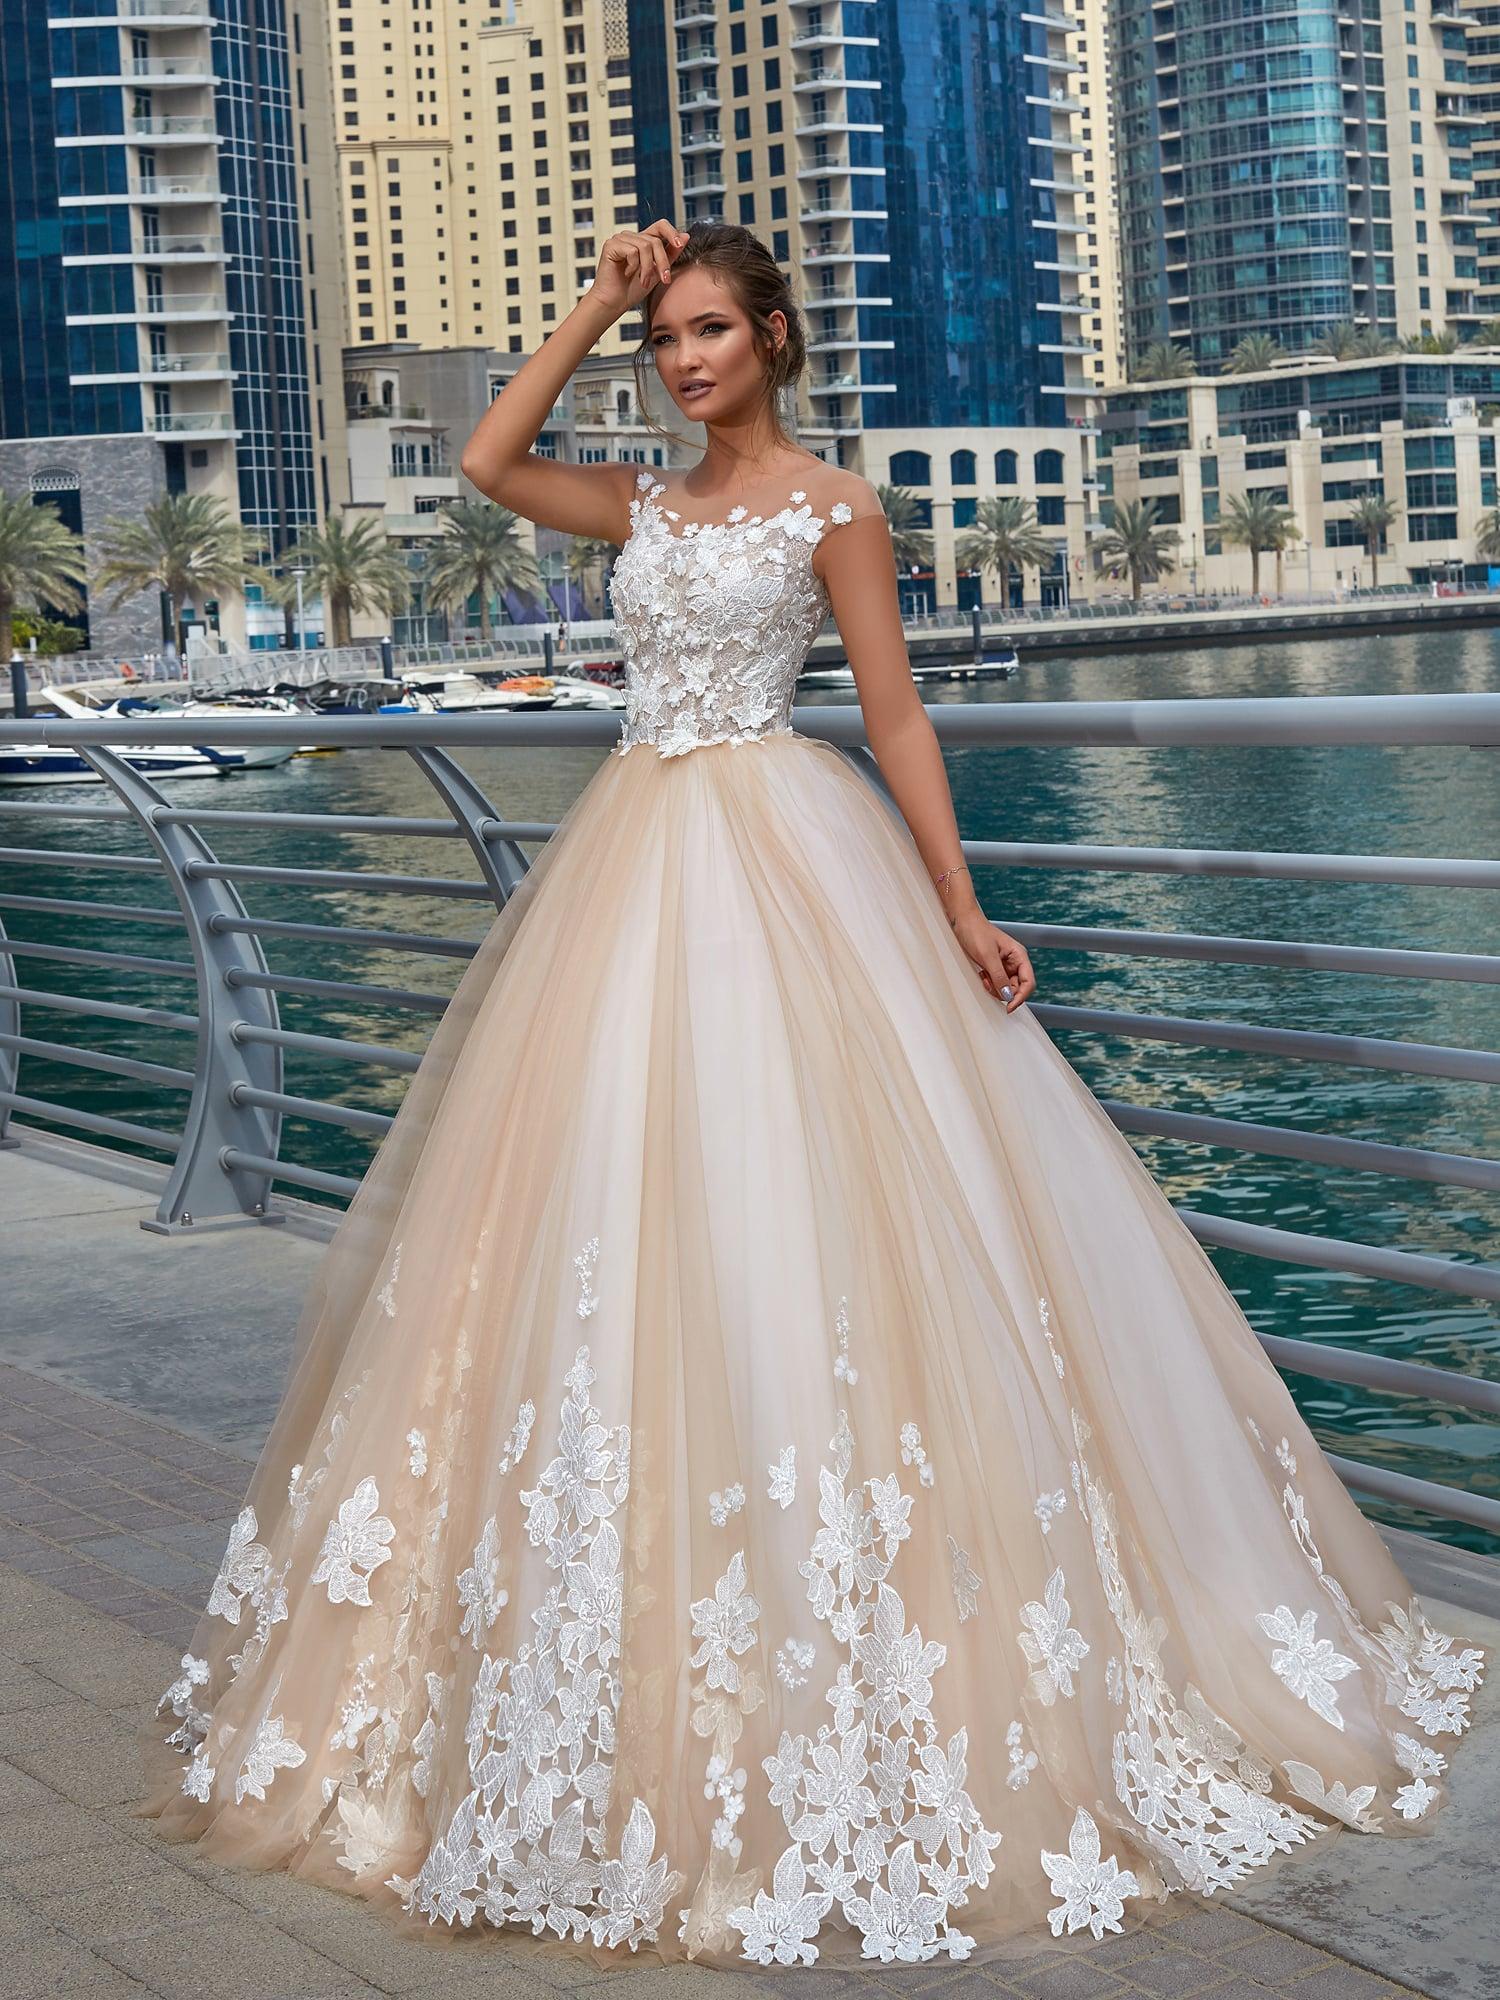 Красивые платья фото 2018 на свадьбу